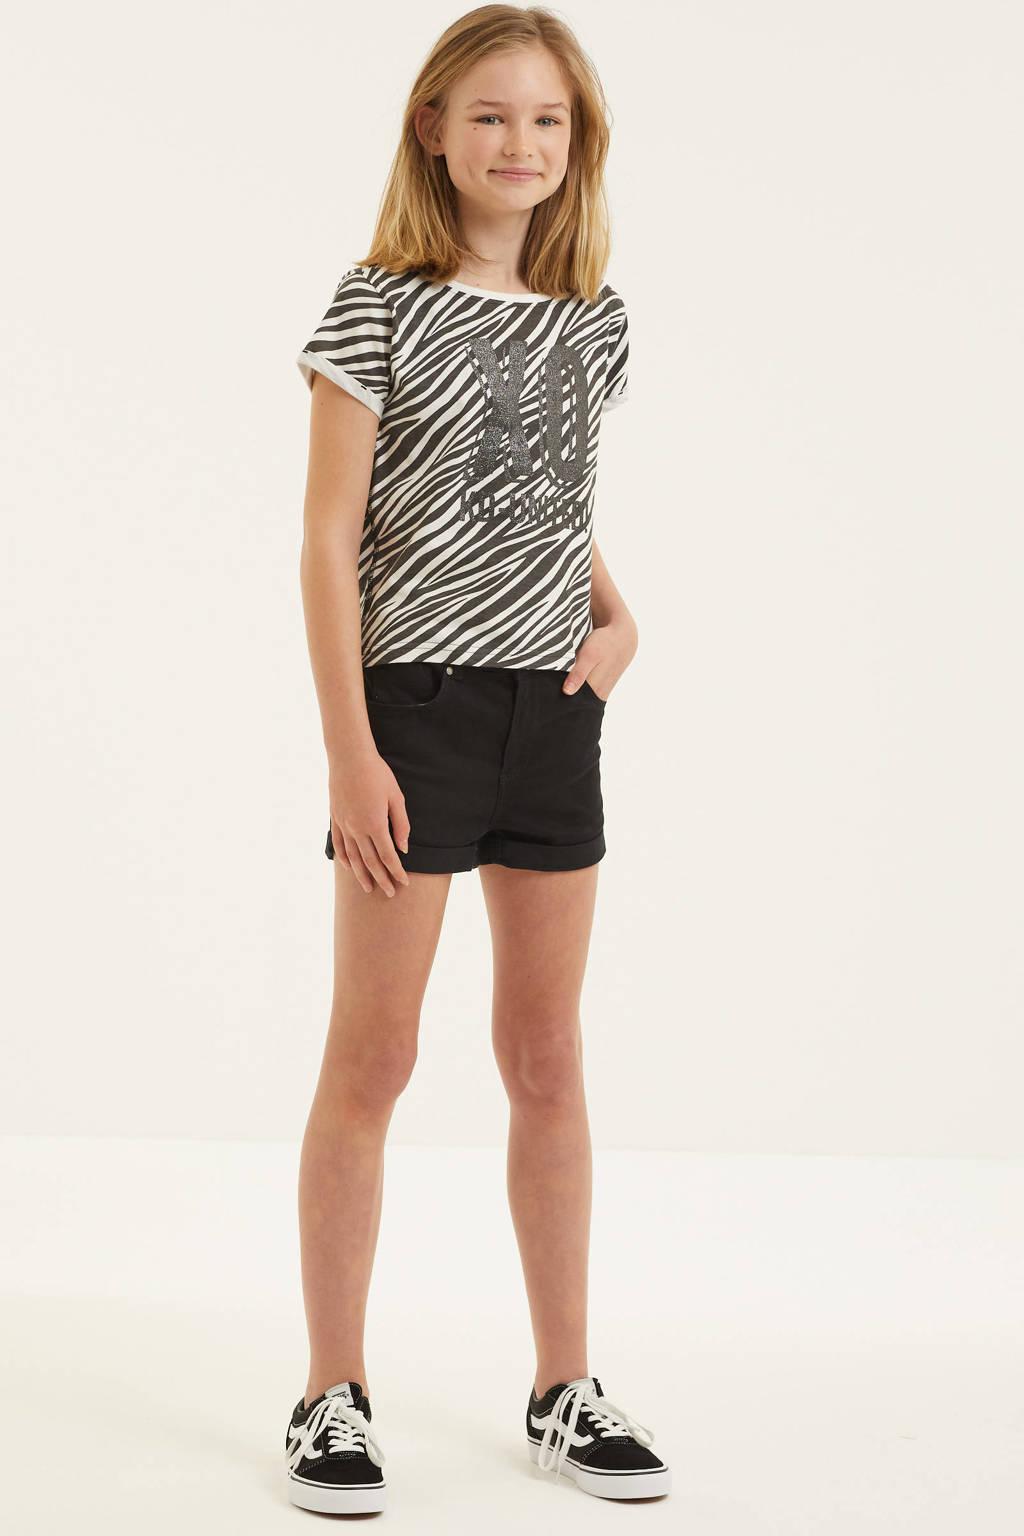 KIDDO T-shirt Els met zebraprint zwart/wit, Zwart/wit